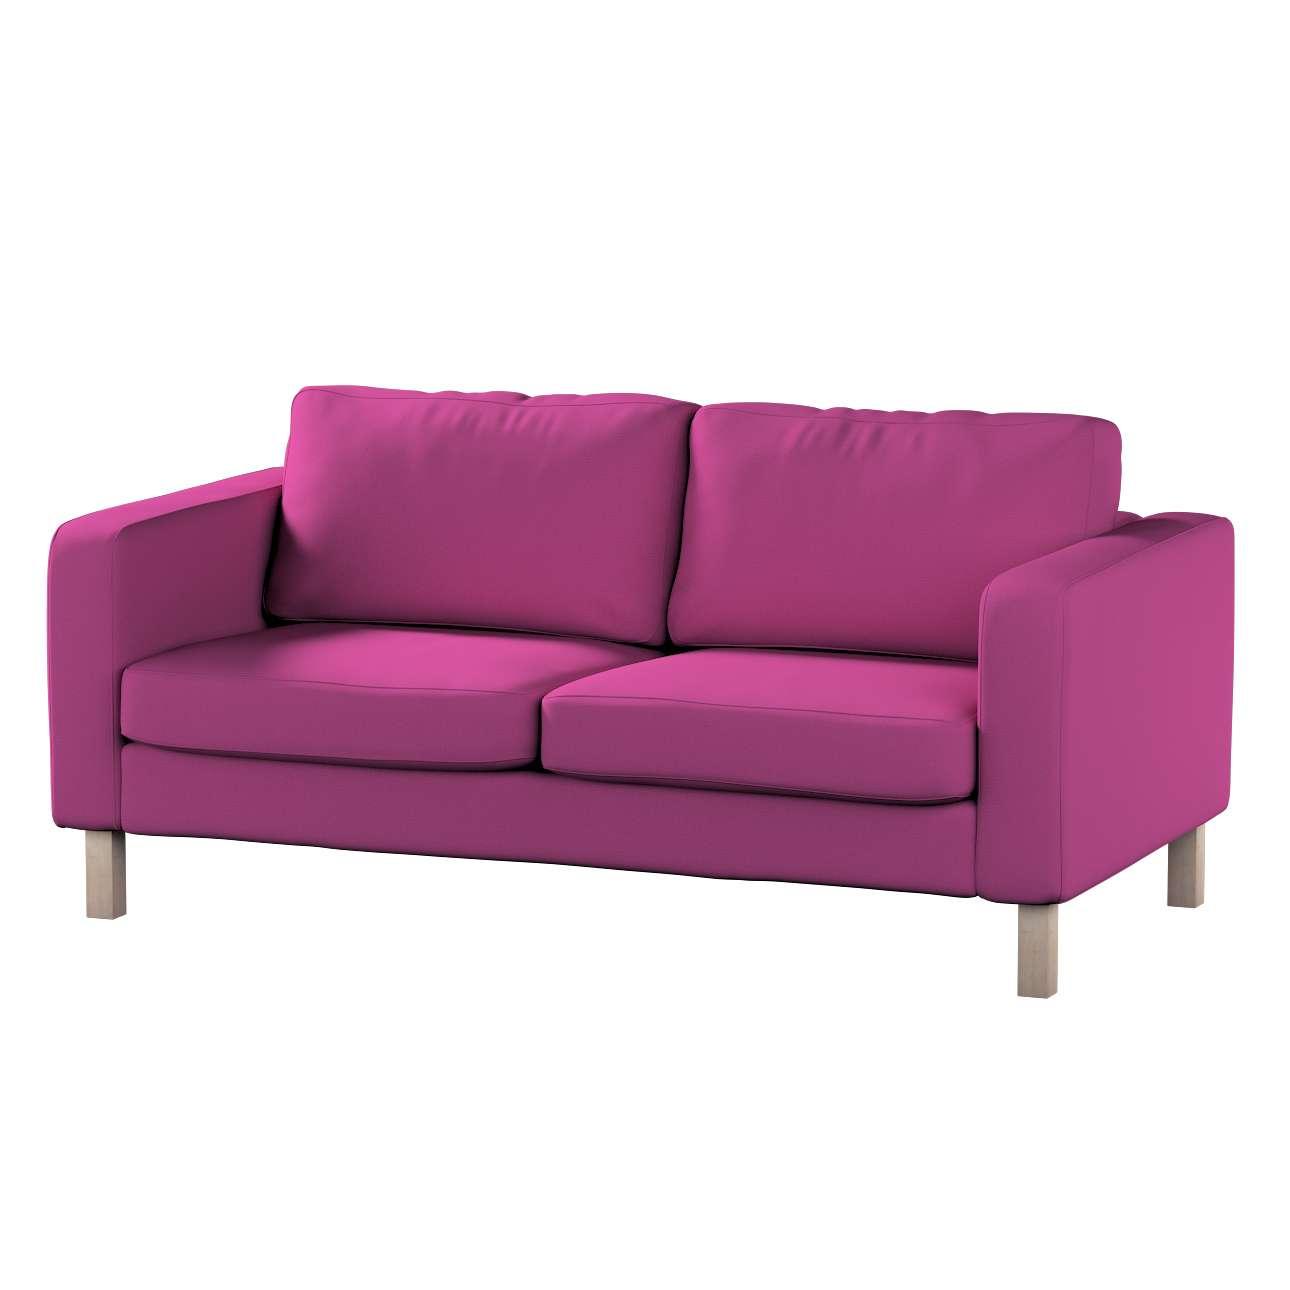 Karlstad klädsel 2-sits soffa - kort i kollektionen Etna, Tyg: 705-23